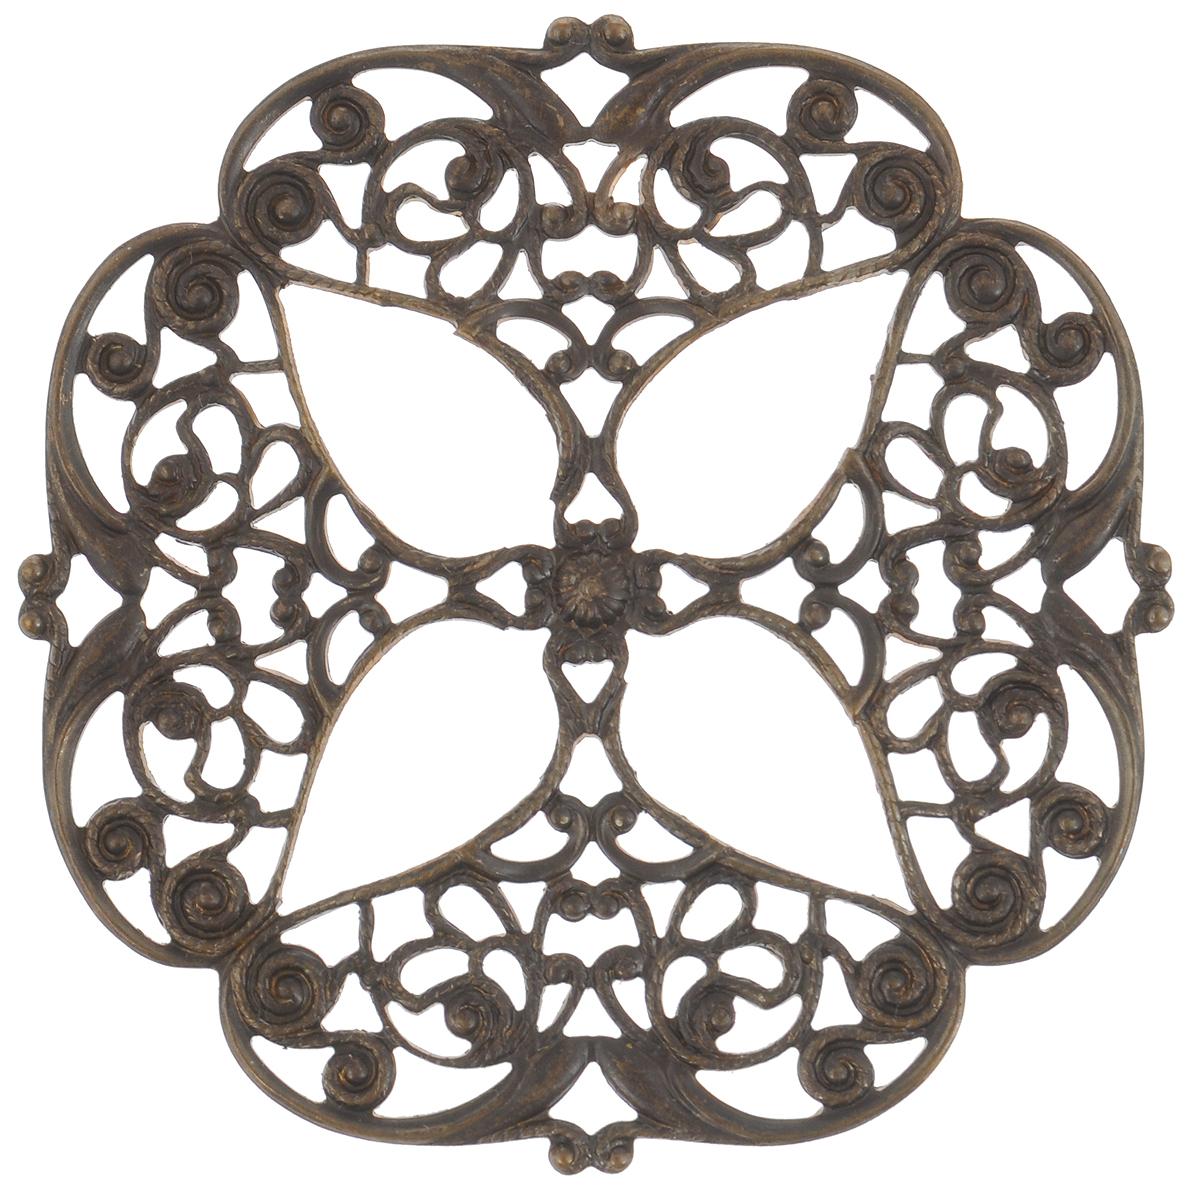 Декоративный элемент Vintaj Цветок, диаметр 48 ммF310RRДекоративный элемент Vintaj Цветок выполнен из металла в технике филигрань. Изделие позволит вам своими руками создать оригинальные ювелирные украшения (серьги, броши и другое). Филигрань - ювелирная техника, разновидность художественно - прикладного искусства, использующая ажурный или напаянный на металлический фон узор из проволоки. Радуйте себя и своих близких украшениями, сделанными своими руками! Диаметр: 48 мм.